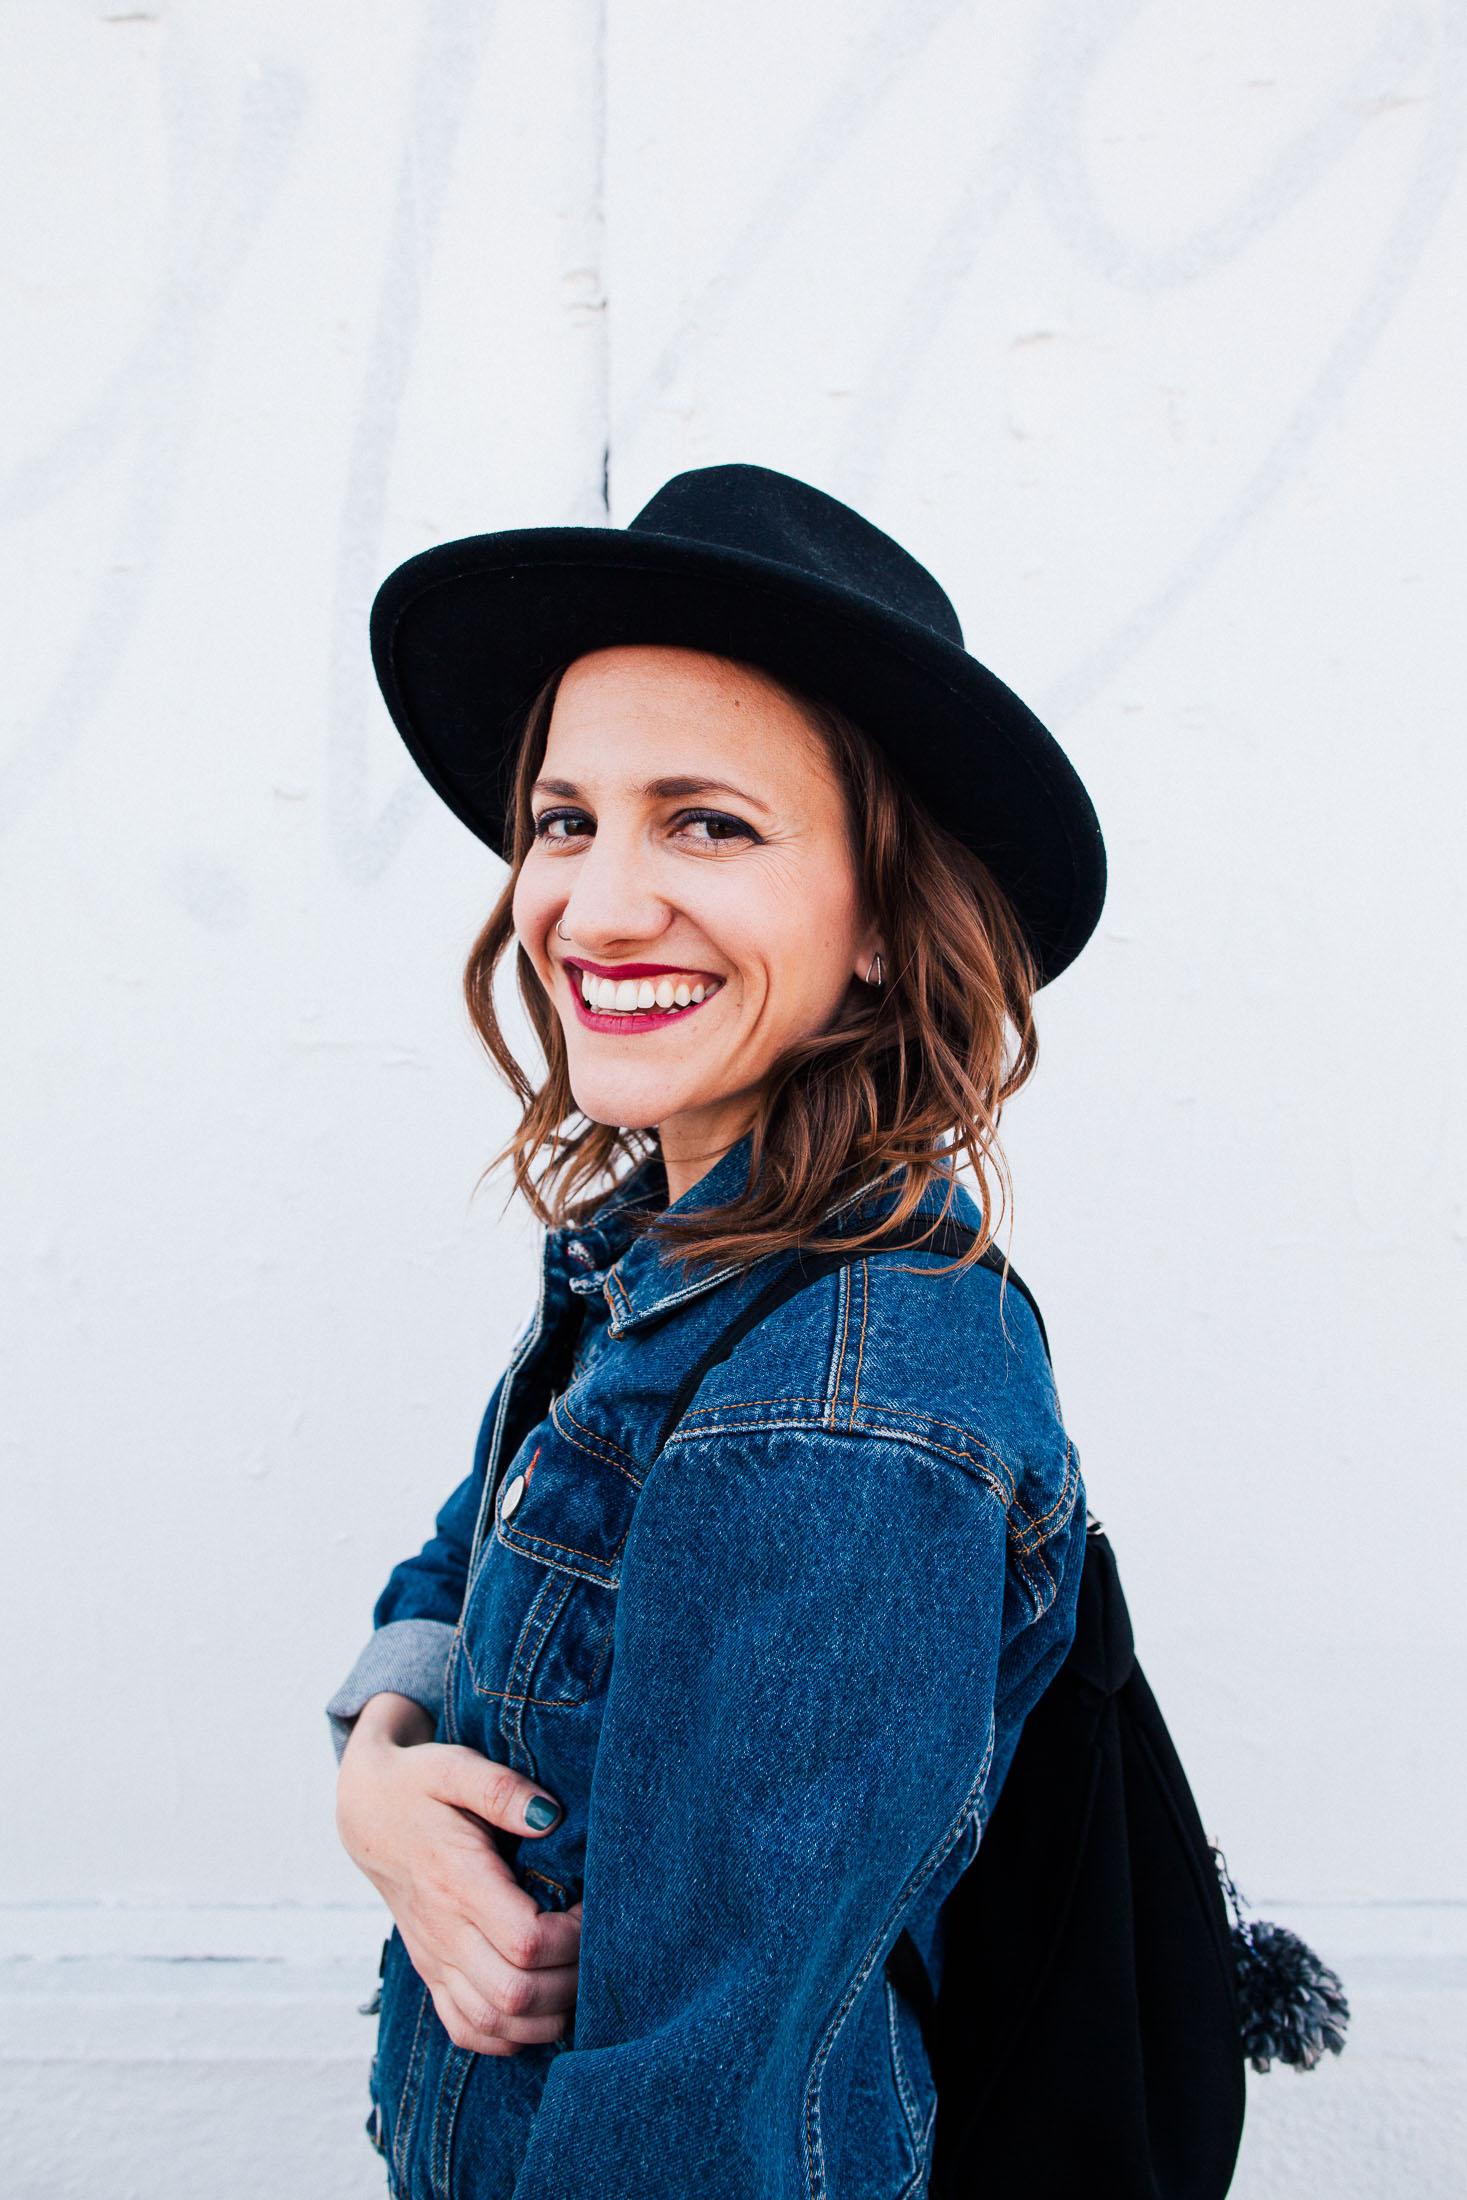 April Onebane, Co-founder